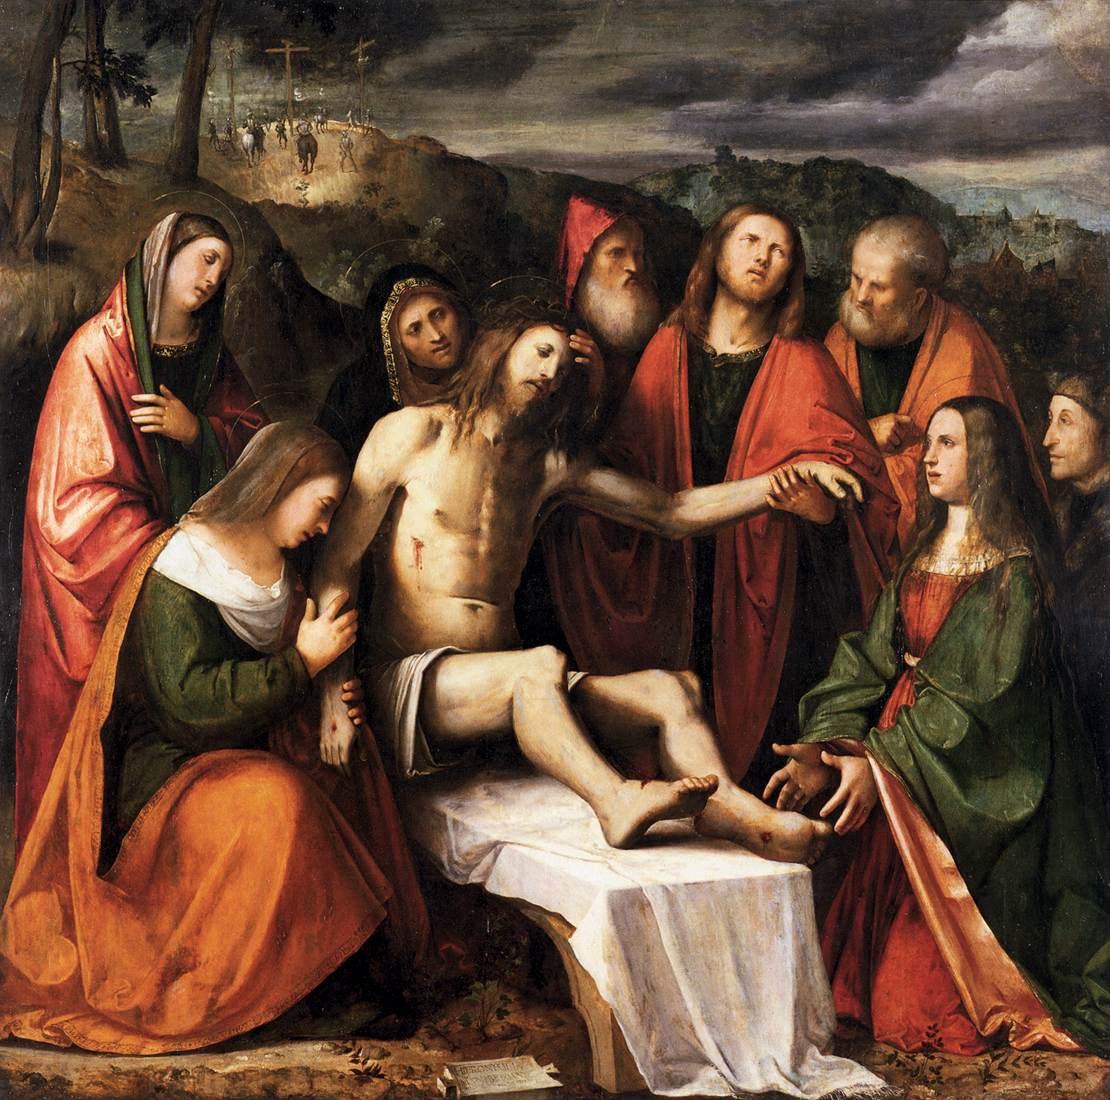 Pieta by Romanino